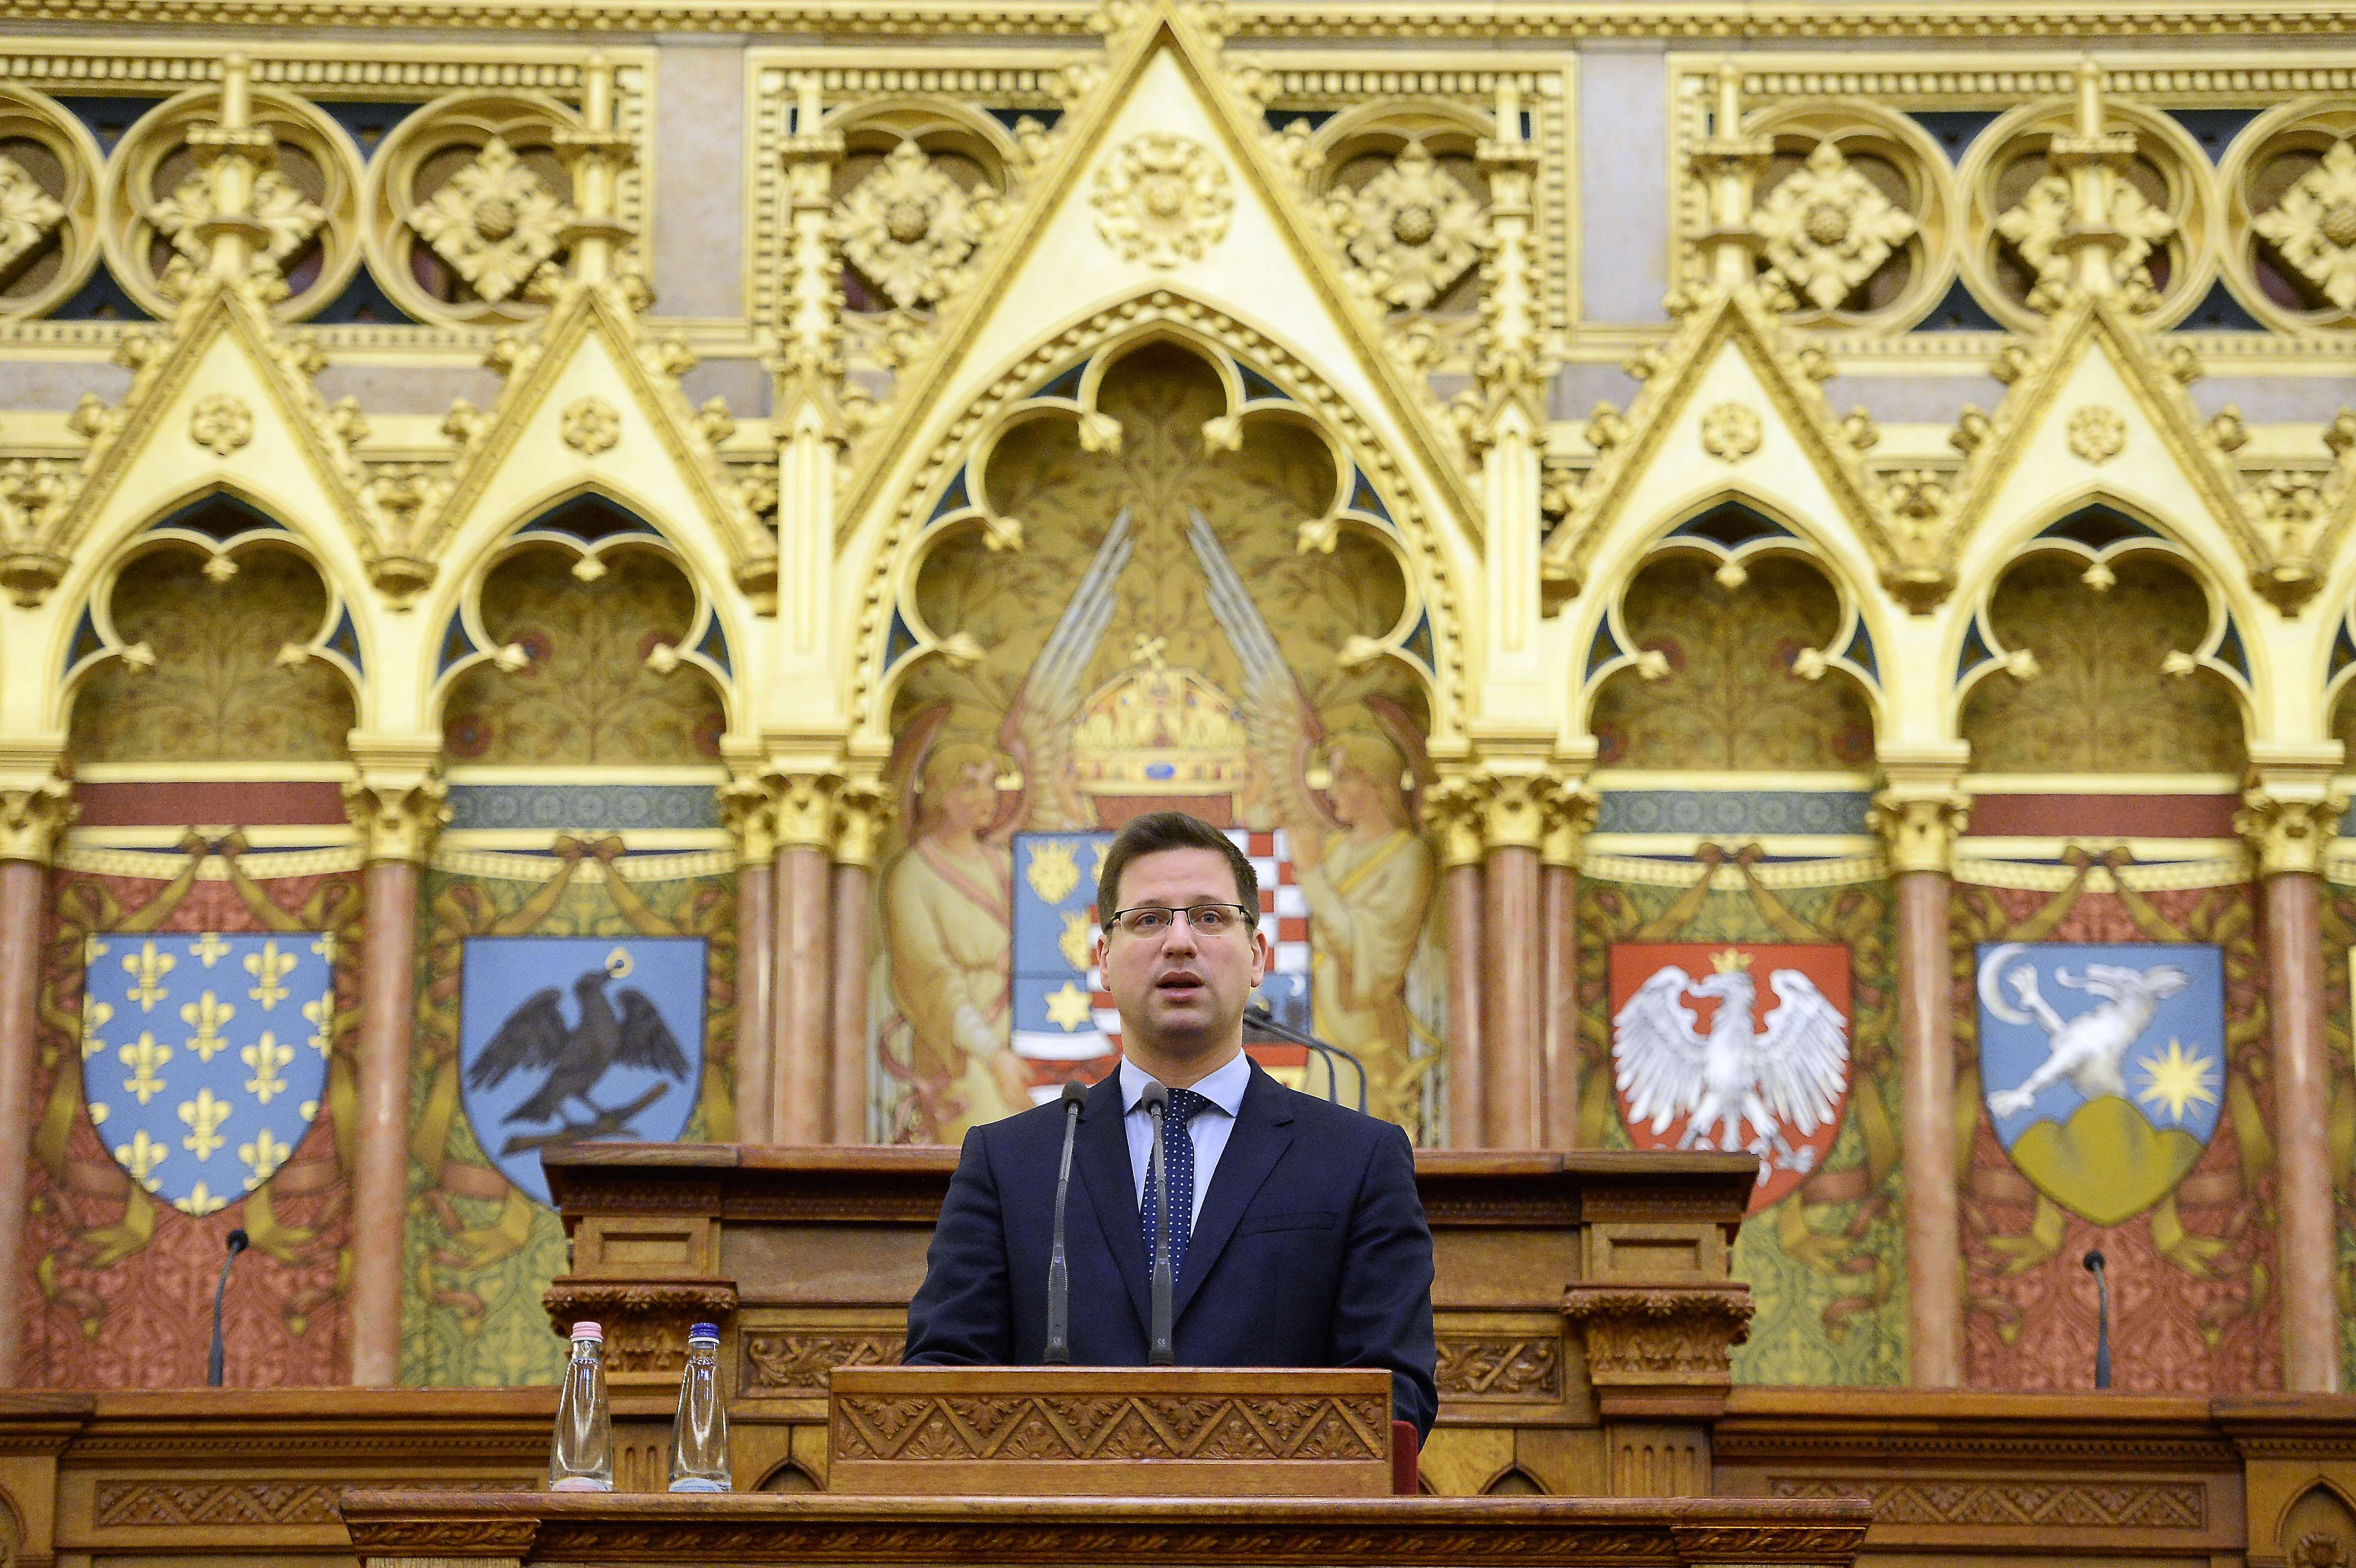 Gulyás Gergely: Esterházy János öröksége egyszerre ...